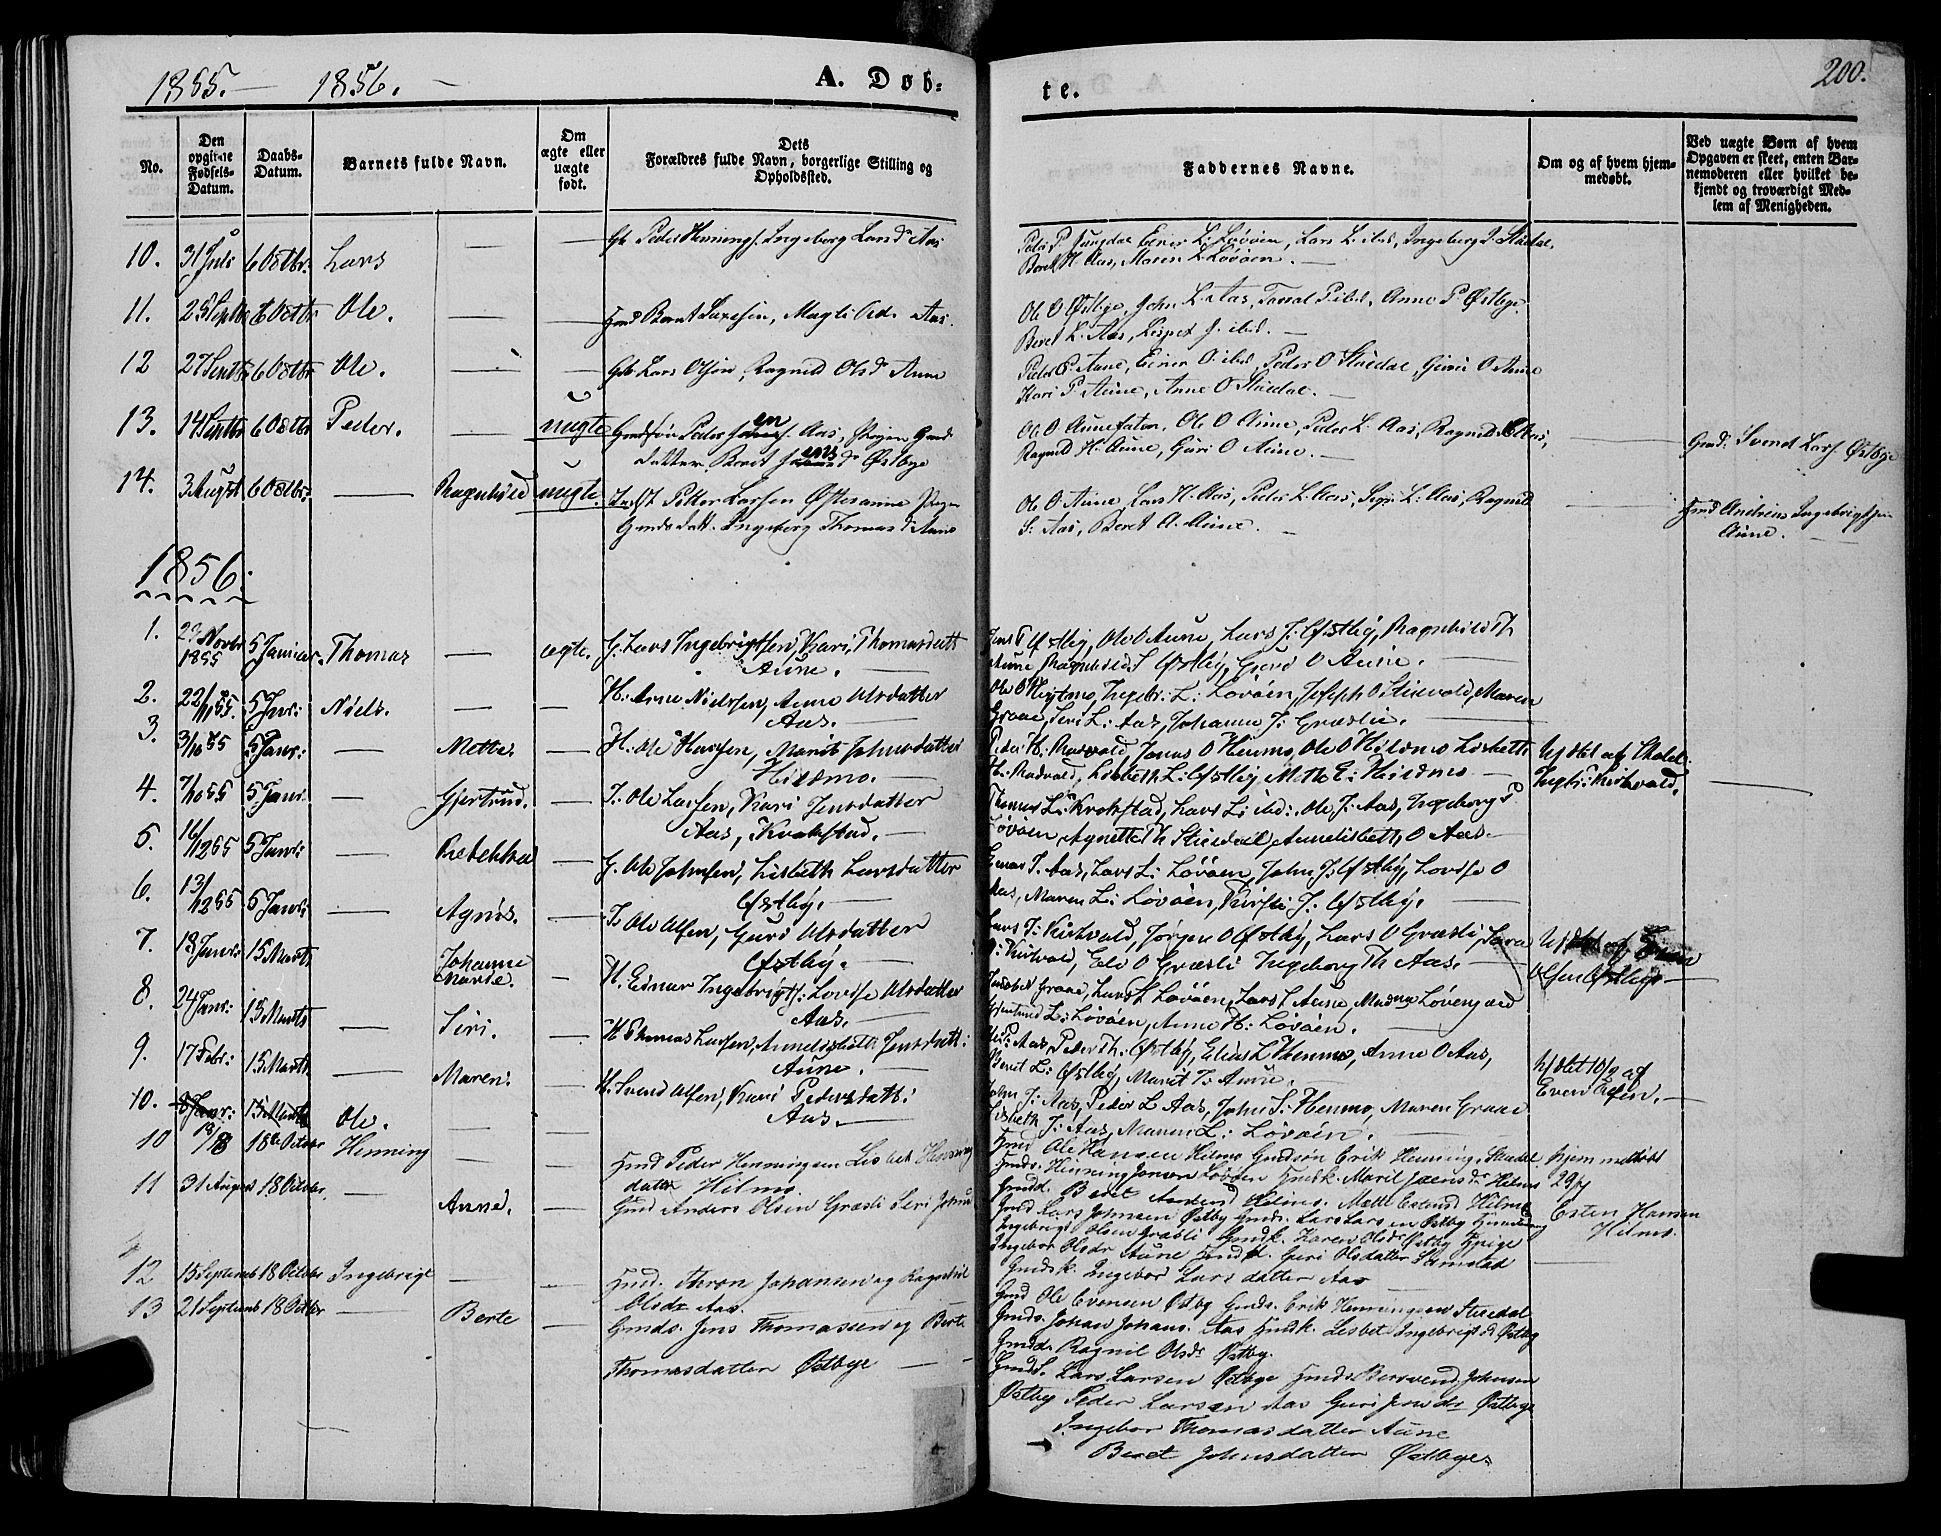 SAT, Ministerialprotokoller, klokkerbøker og fødselsregistre - Sør-Trøndelag, 695/L1146: Ministerialbok nr. 695A06 /2, 1843-1859, s. 200